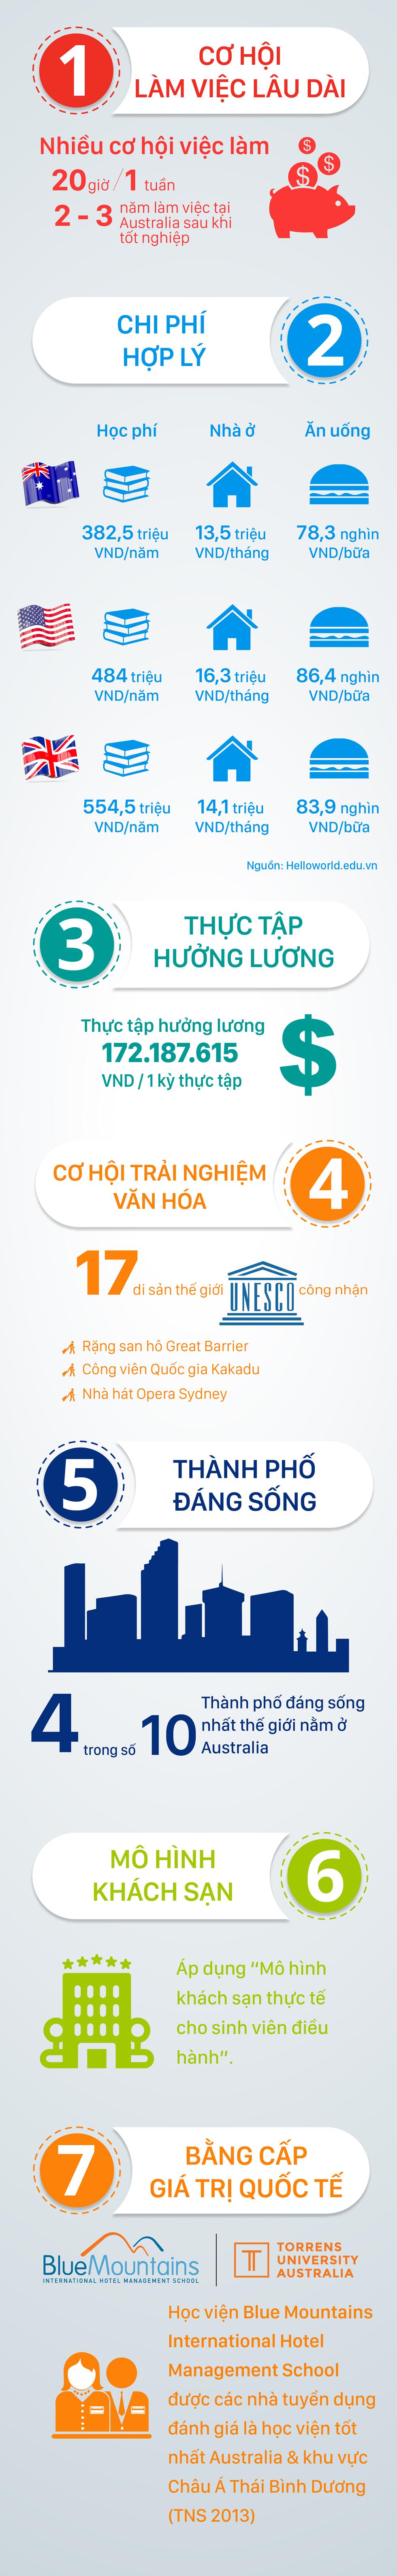 7 lý do du học ngành quản trị khách sạn tại BMIHMS Australia